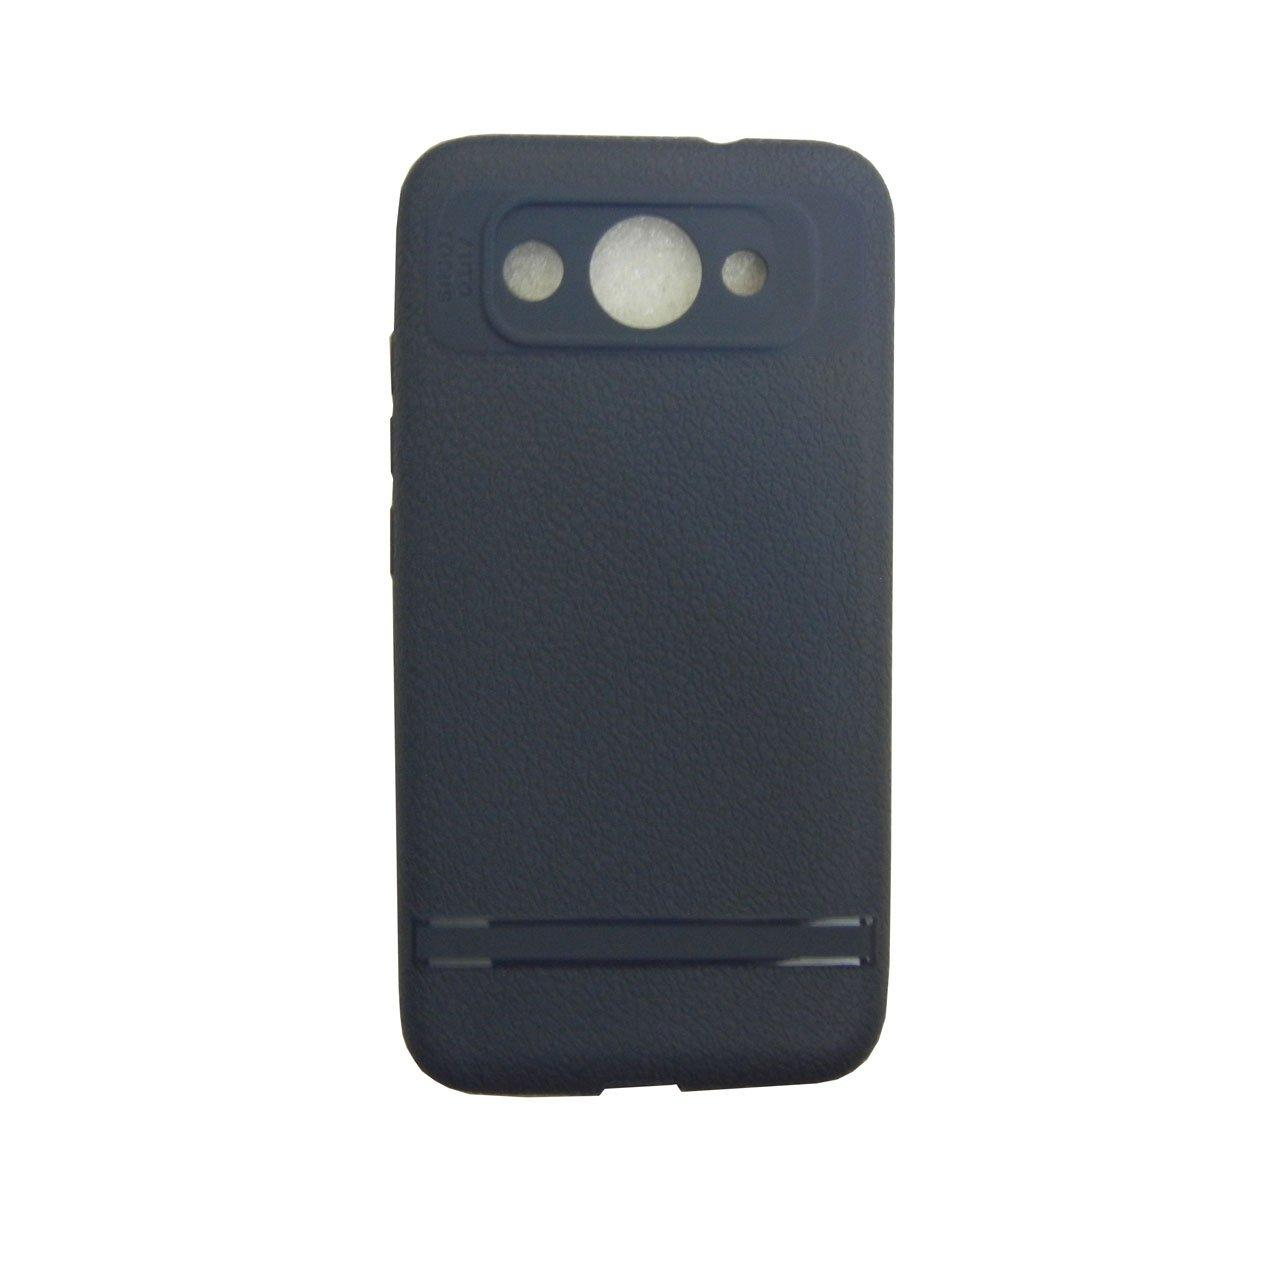 کاور موبایل مناسب برای سامسونگ J710